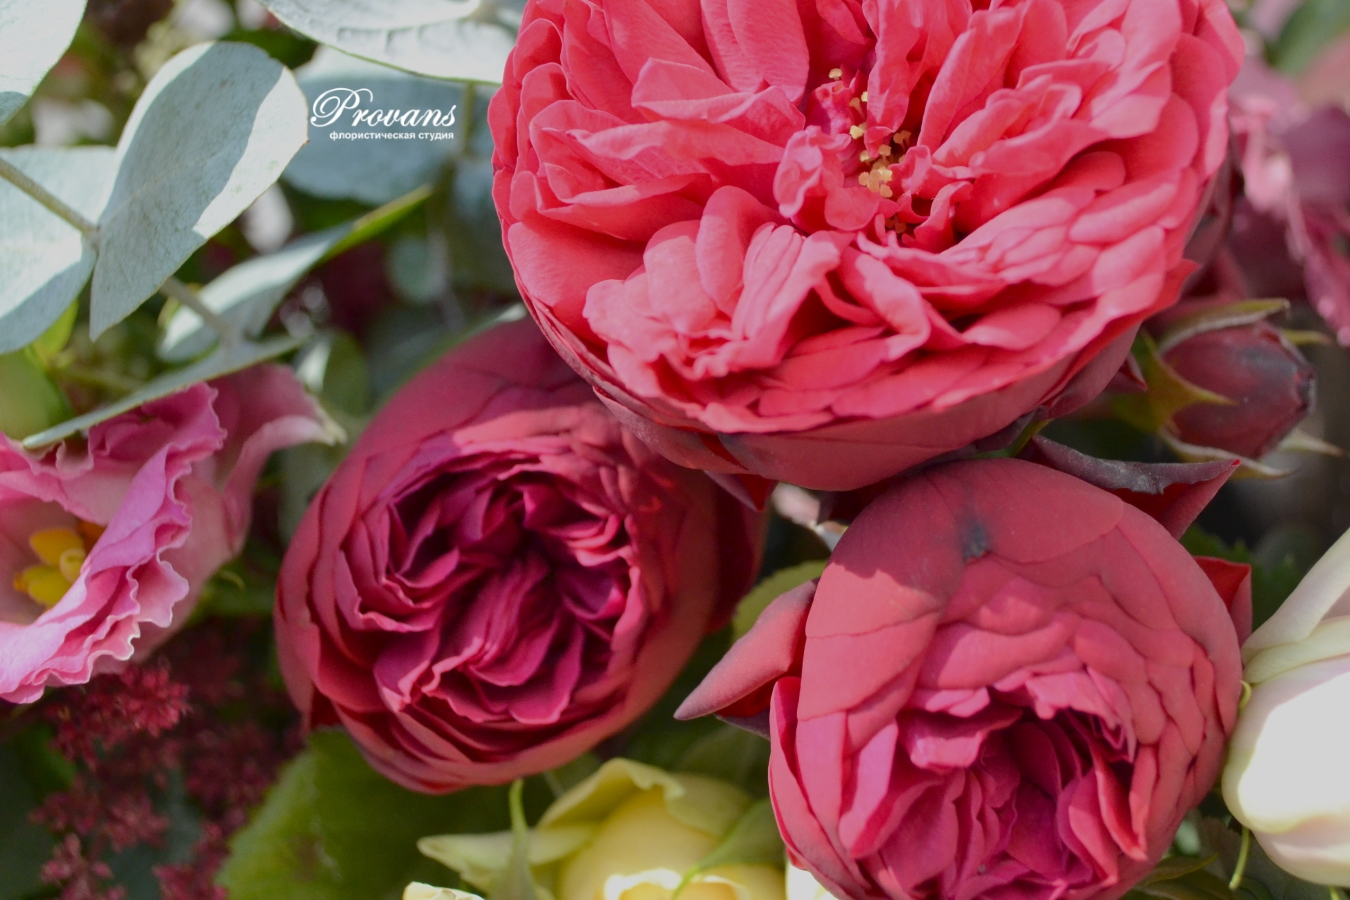 Композиция из цветов. Декоративный ящик под старину и пионовидные розы